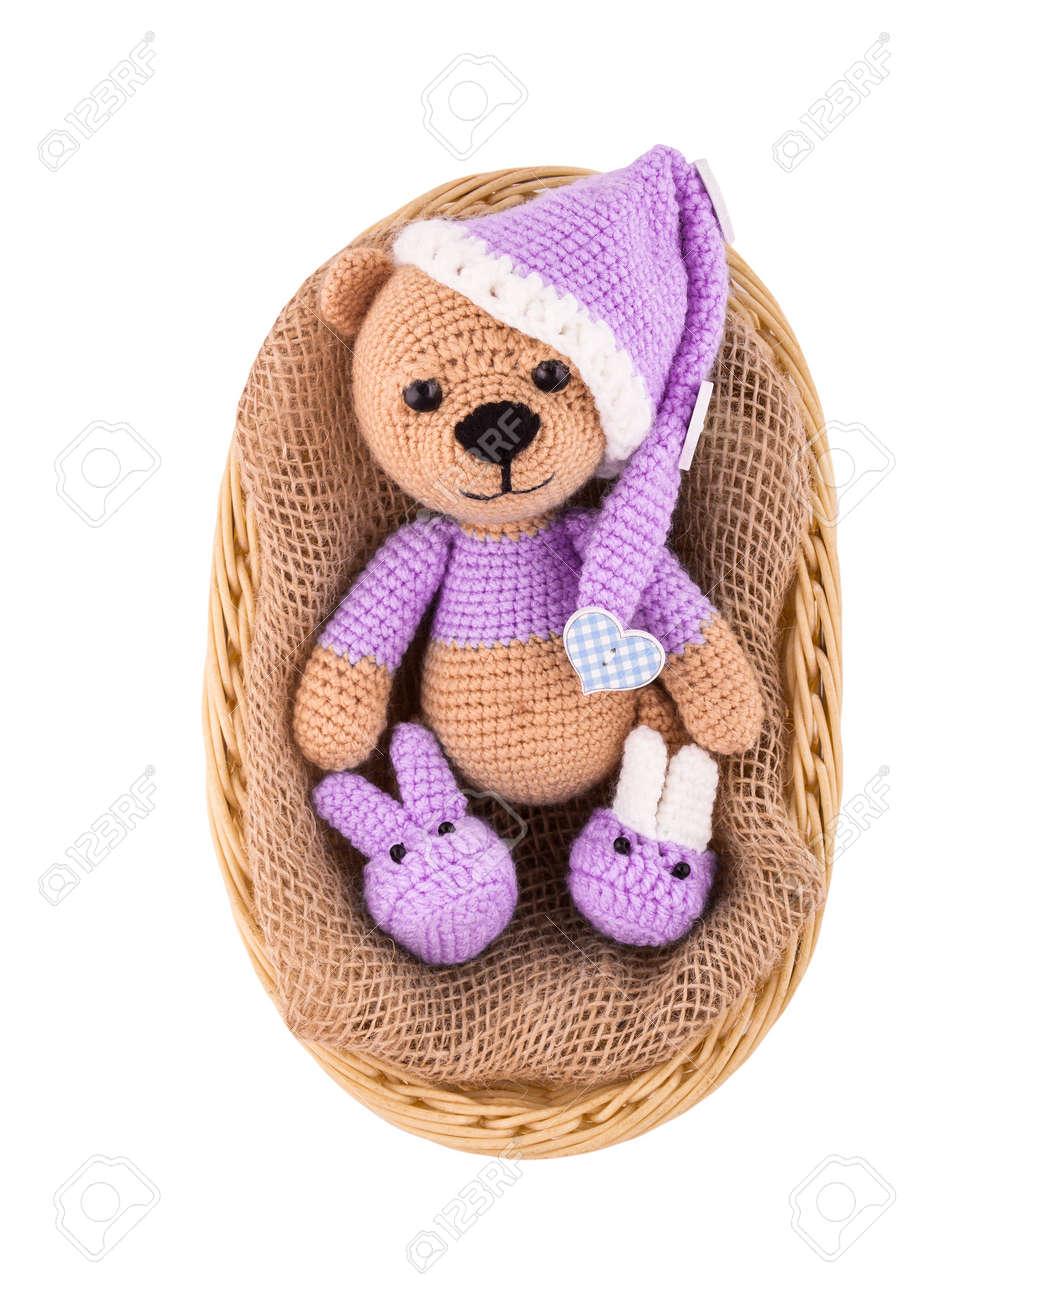 A small knitted teddy bear in a wicker basket  A sleepy bear